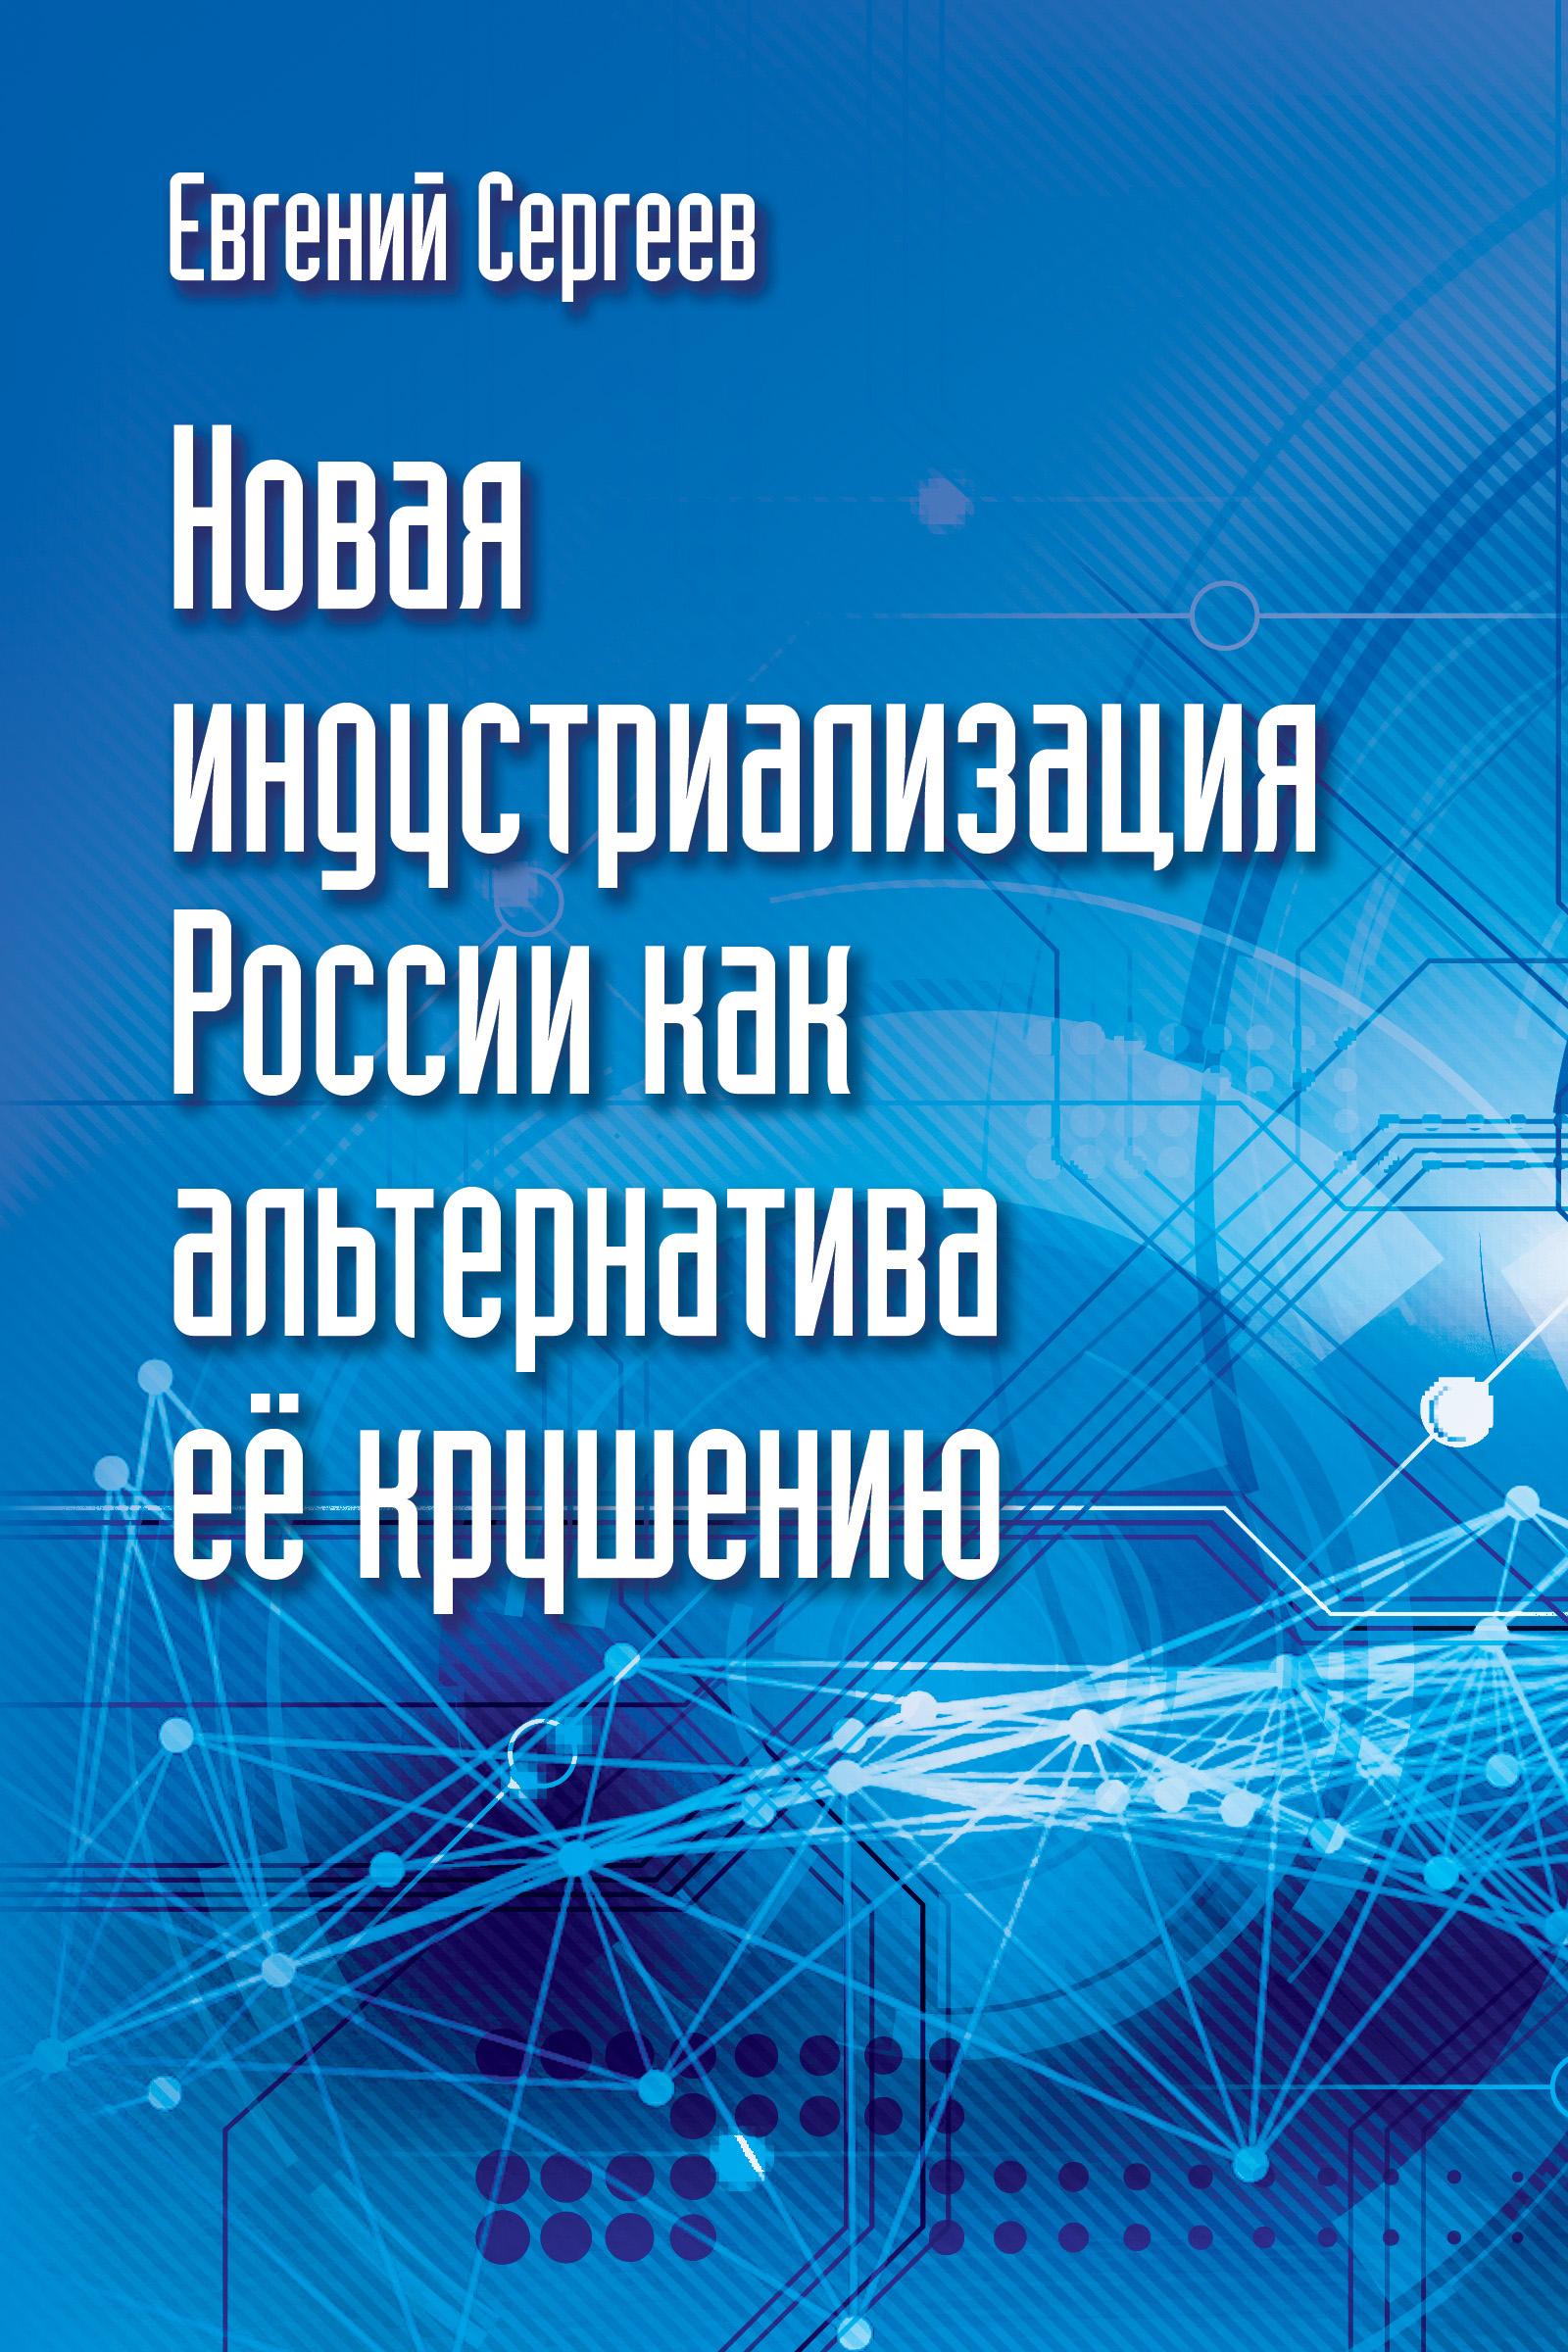 Евгений Сергеев Новая индустриализация России как альтернатива ее крушению аганбегян а кризис беда и шанс для россии